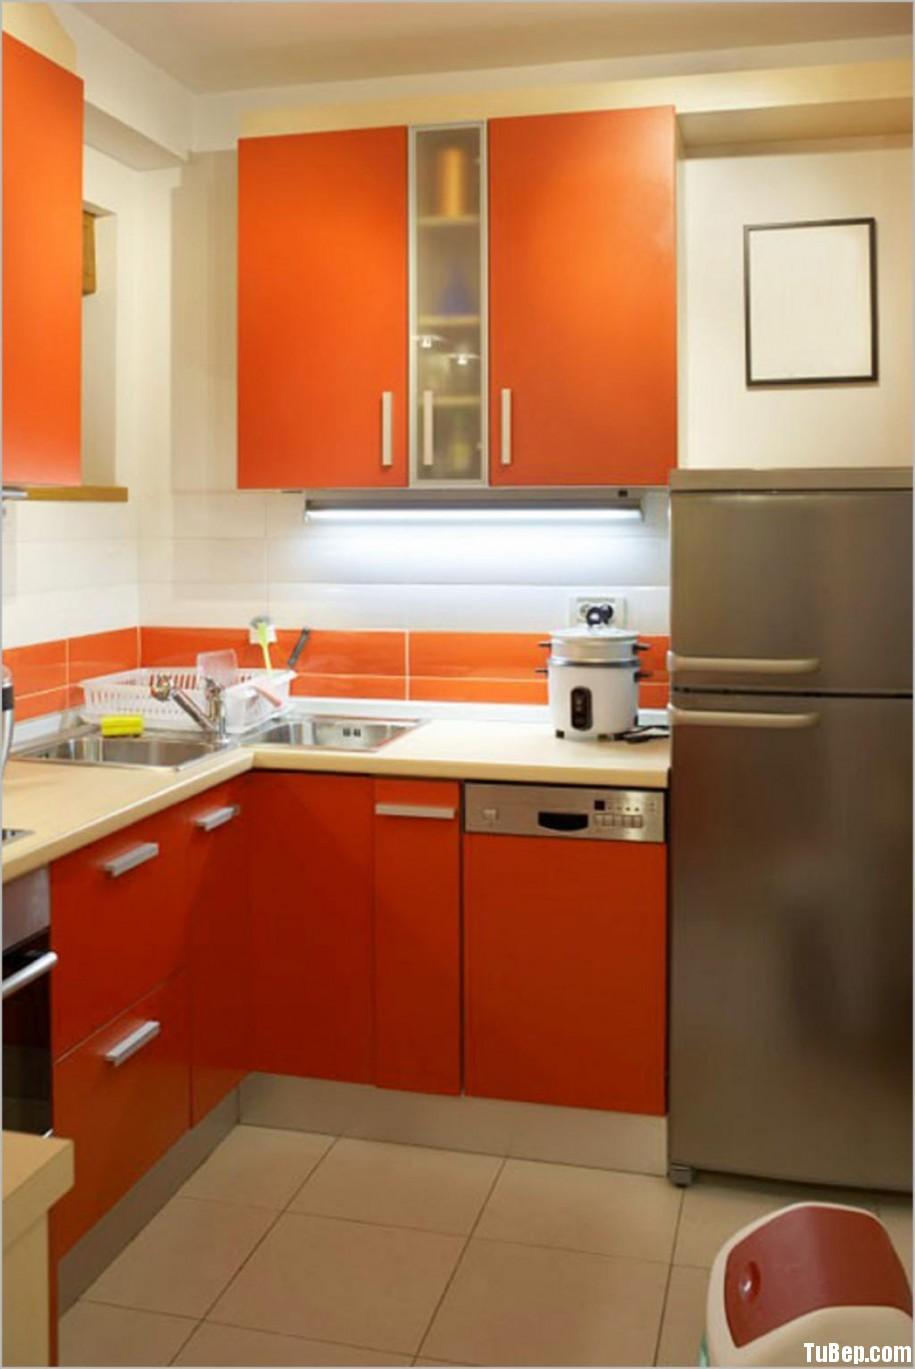 5404159dc52507 2.jpg Tủ bếp gỗ MDF Acrylic – TVB395